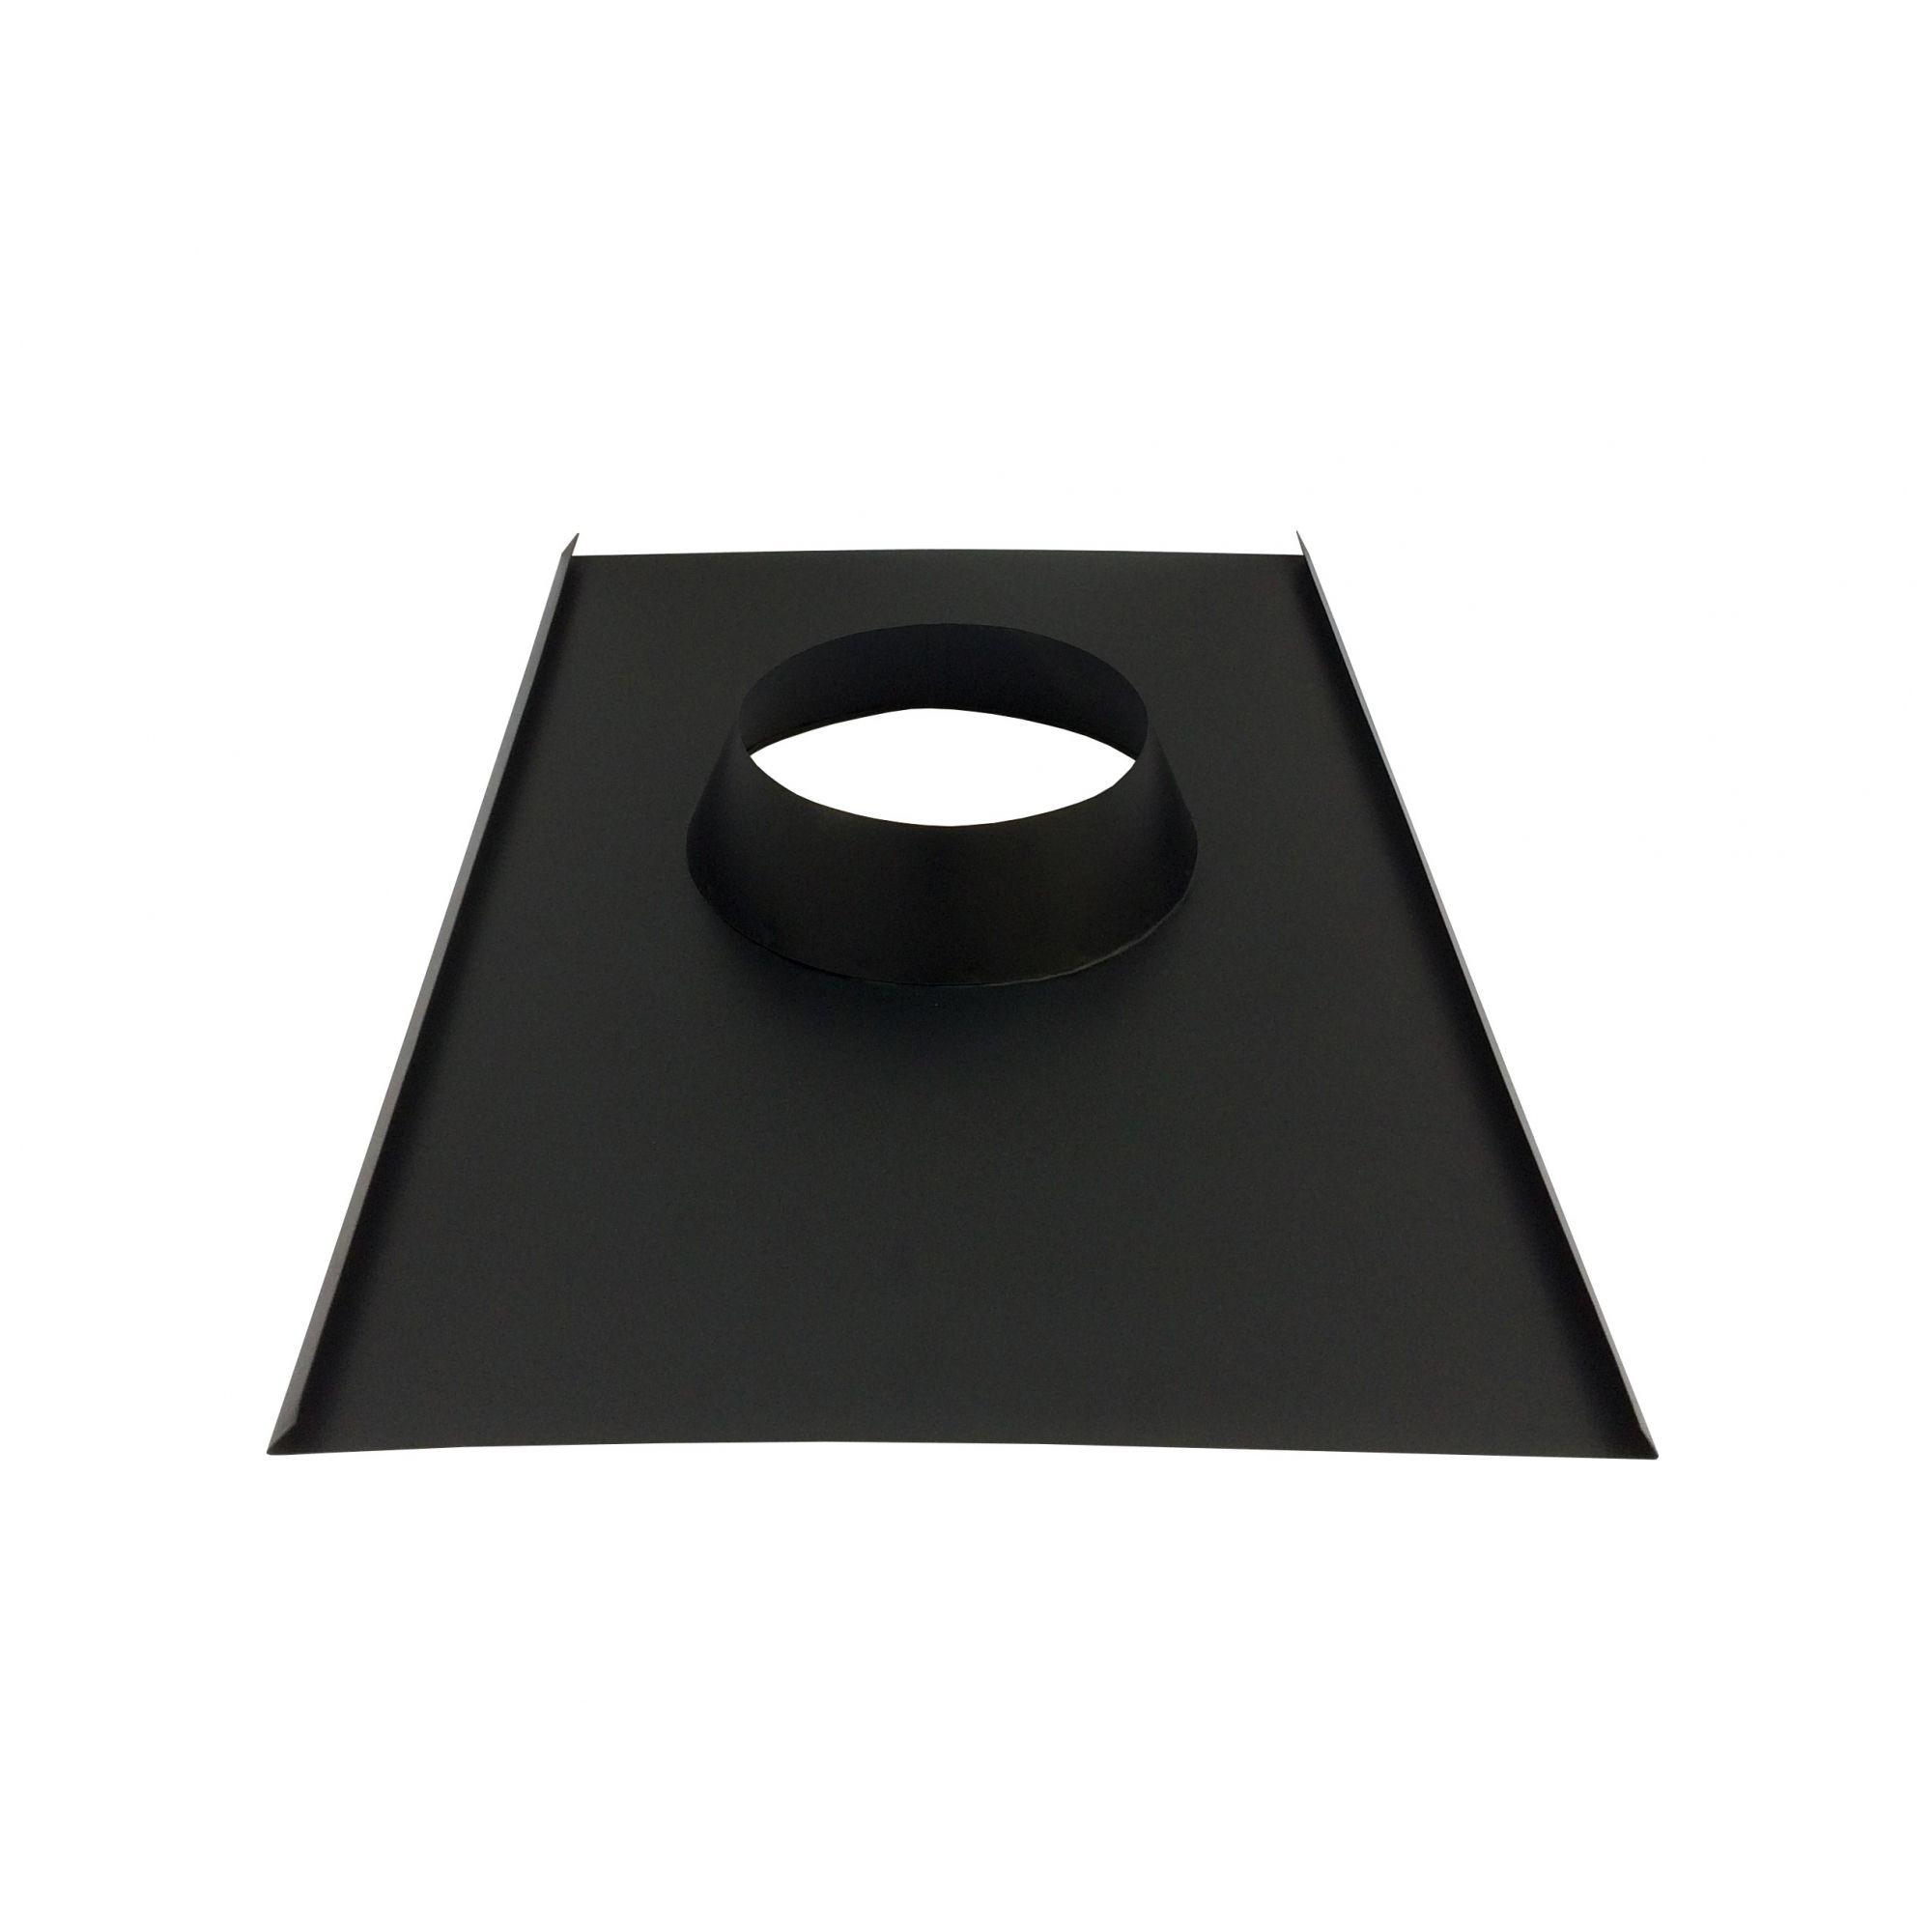 Rufo colarinho de telhado preto para chaminé de 255 mm de diâmetro  - Galvocalhas